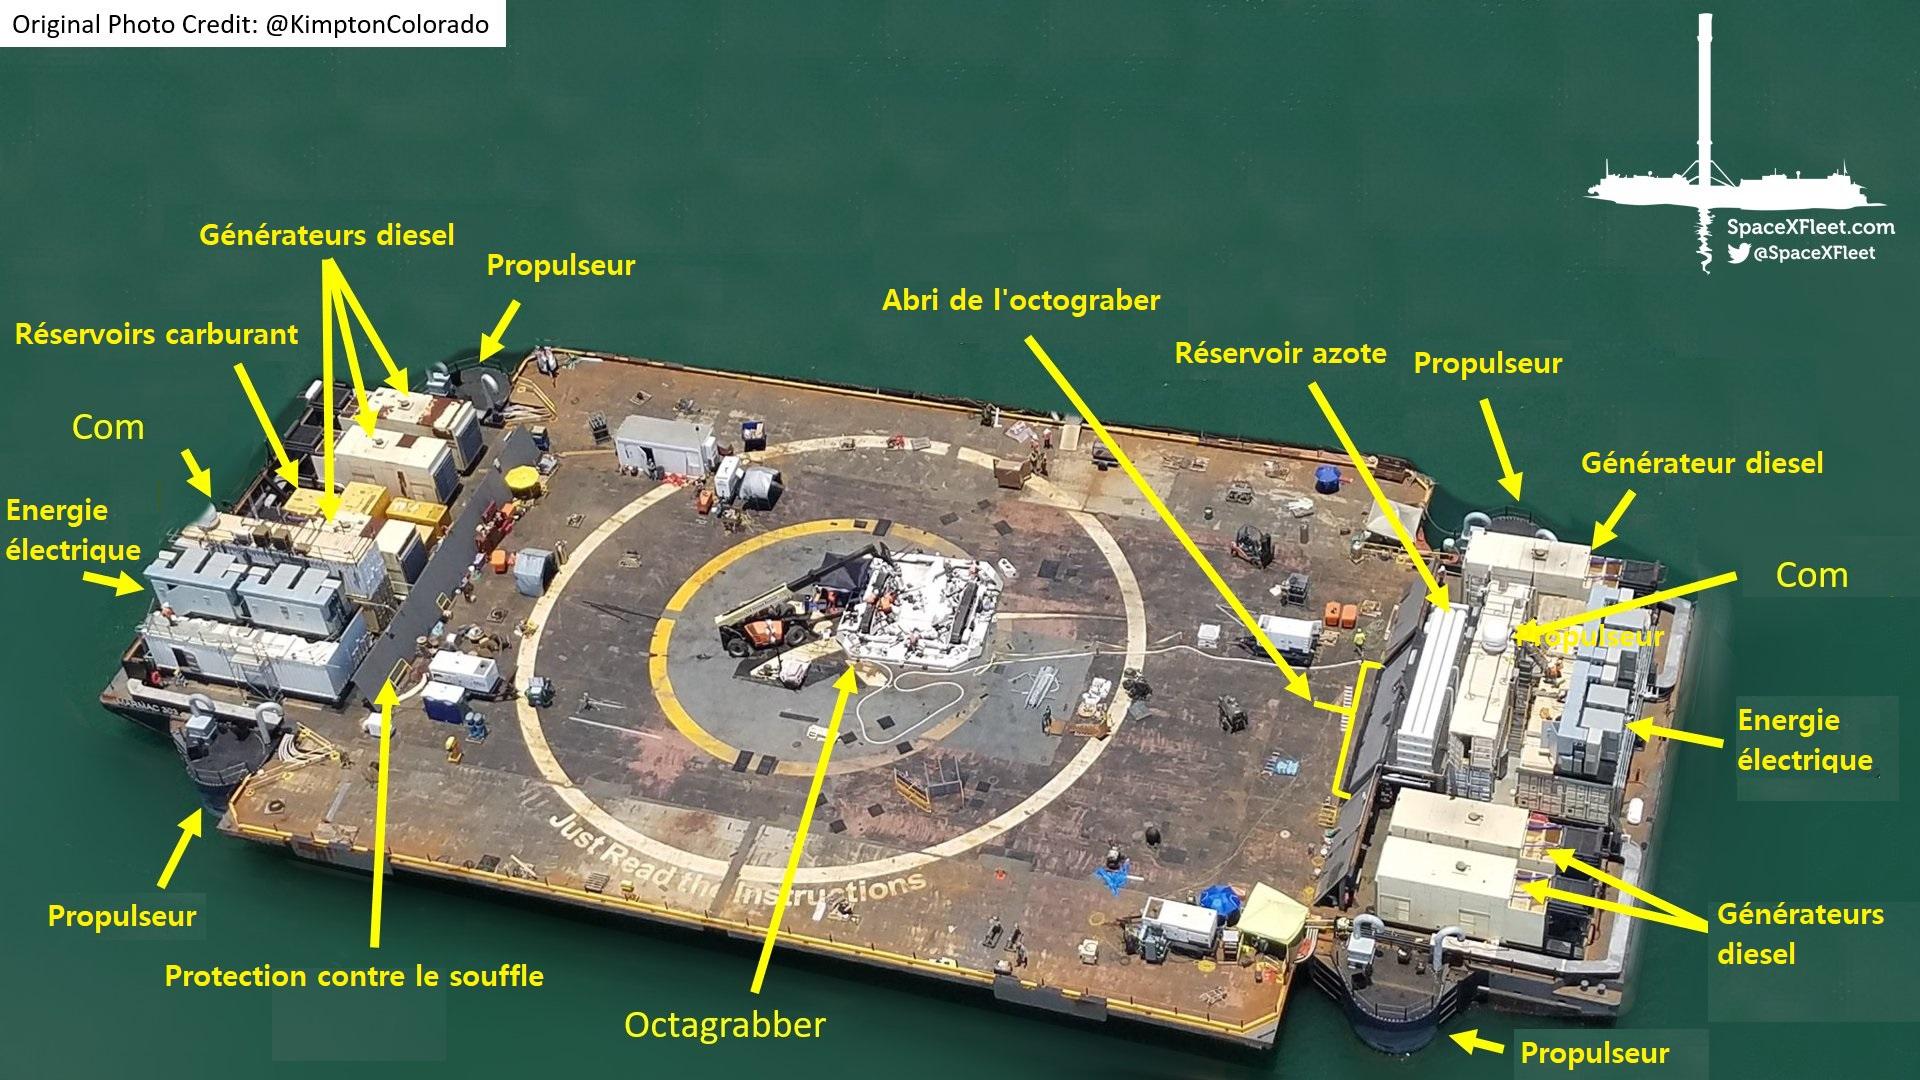 [SpaceX] Barges et flotte maritime de SpaceX - Page 4 1_jfif54